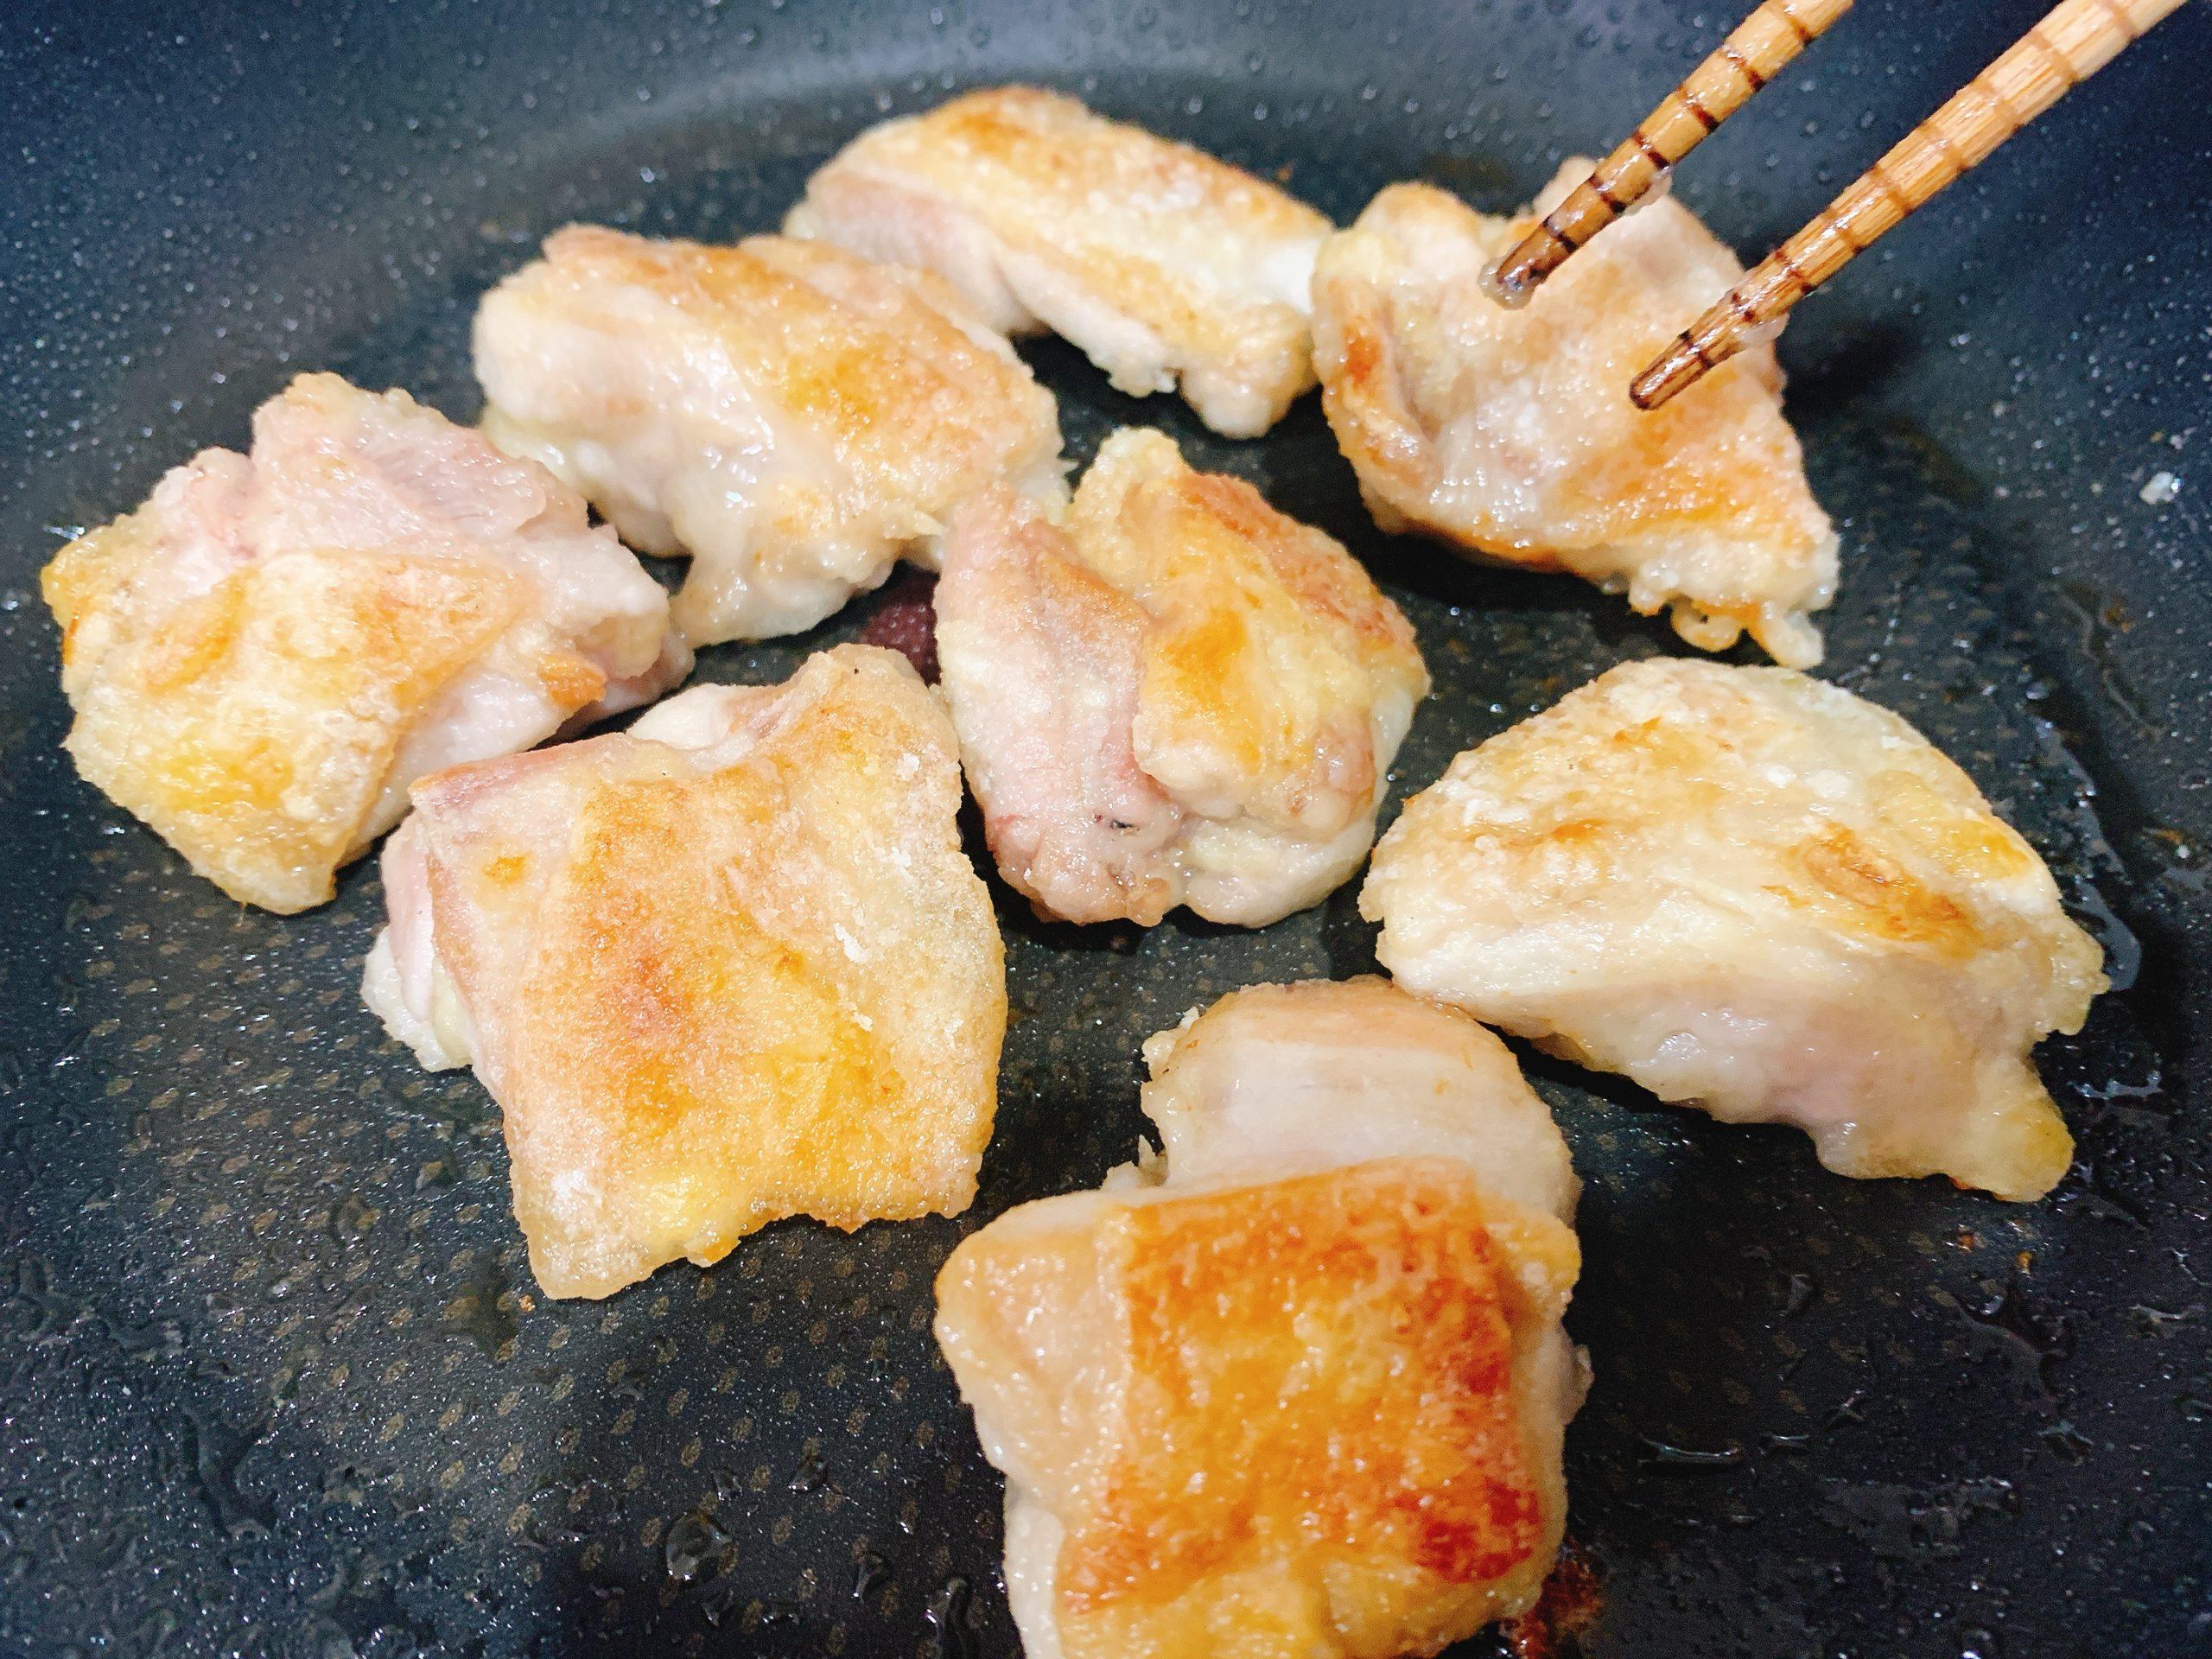 鶏もも肉照り焼き